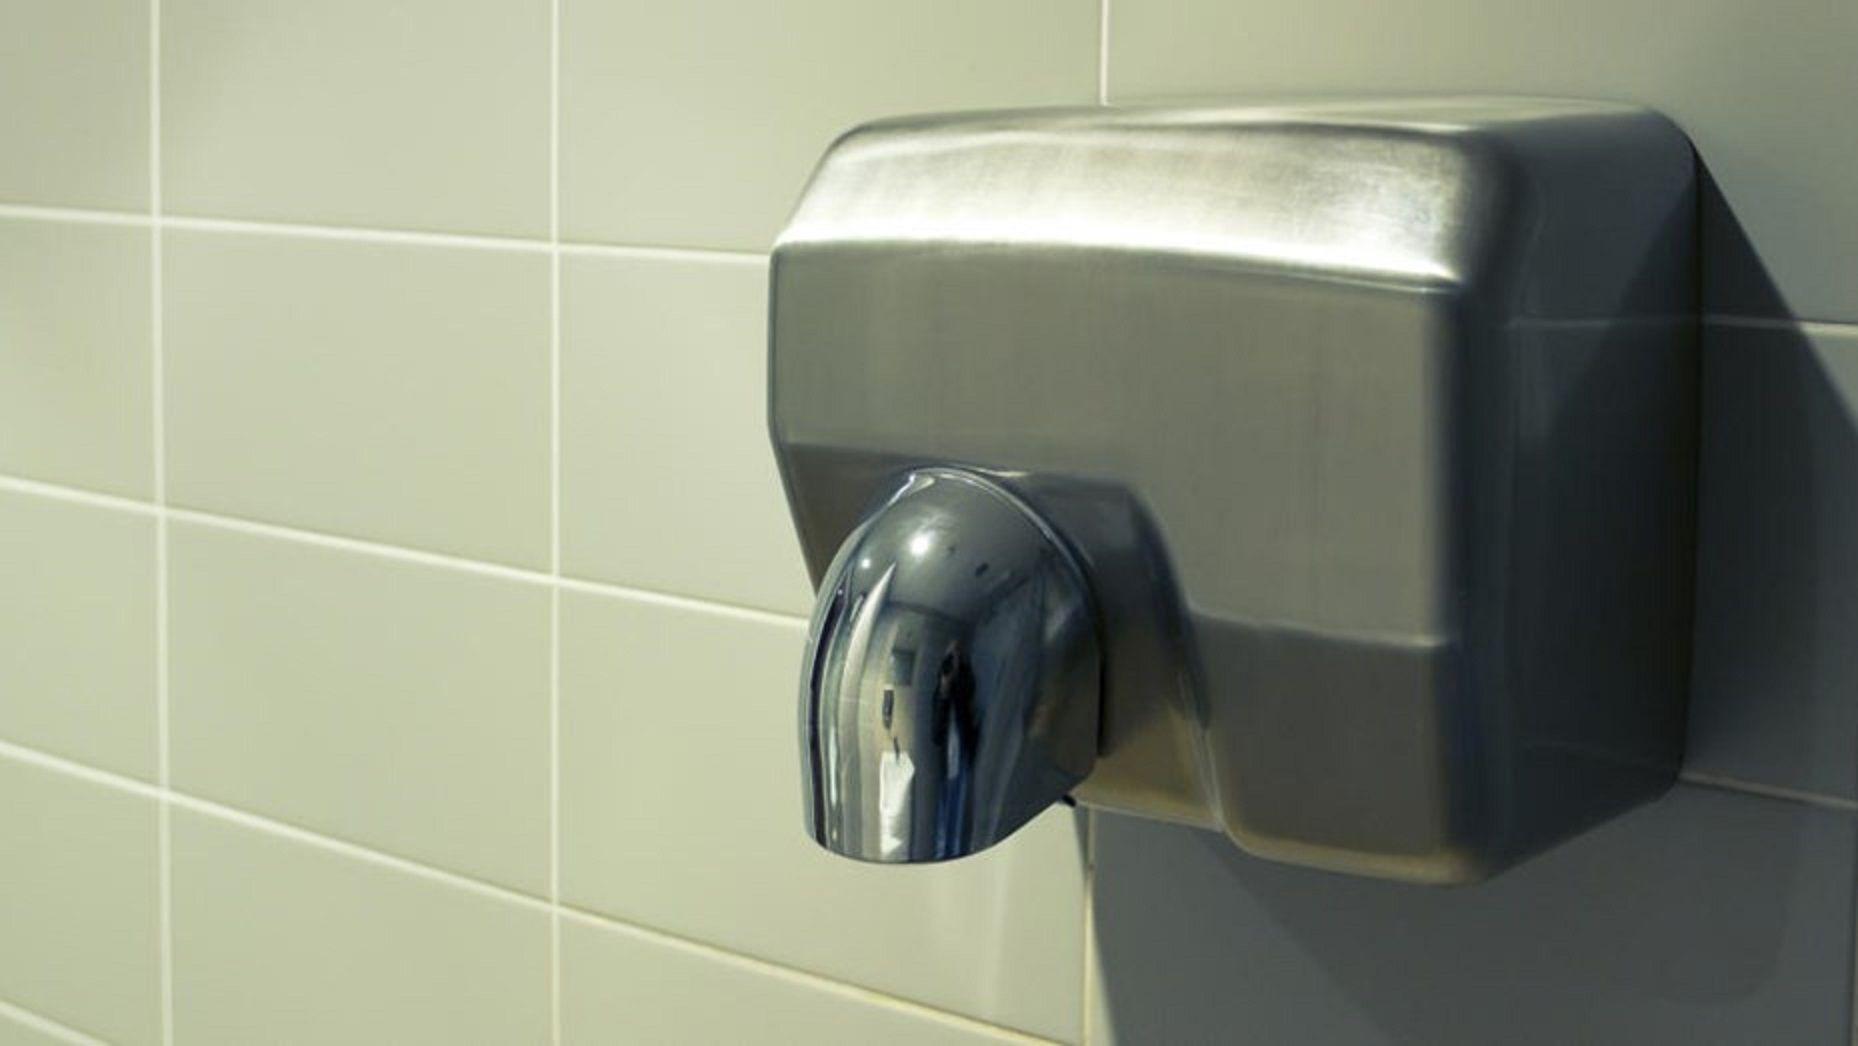 Una foto demuestra por qué se deben usar los secadores de manos de los baños públicos